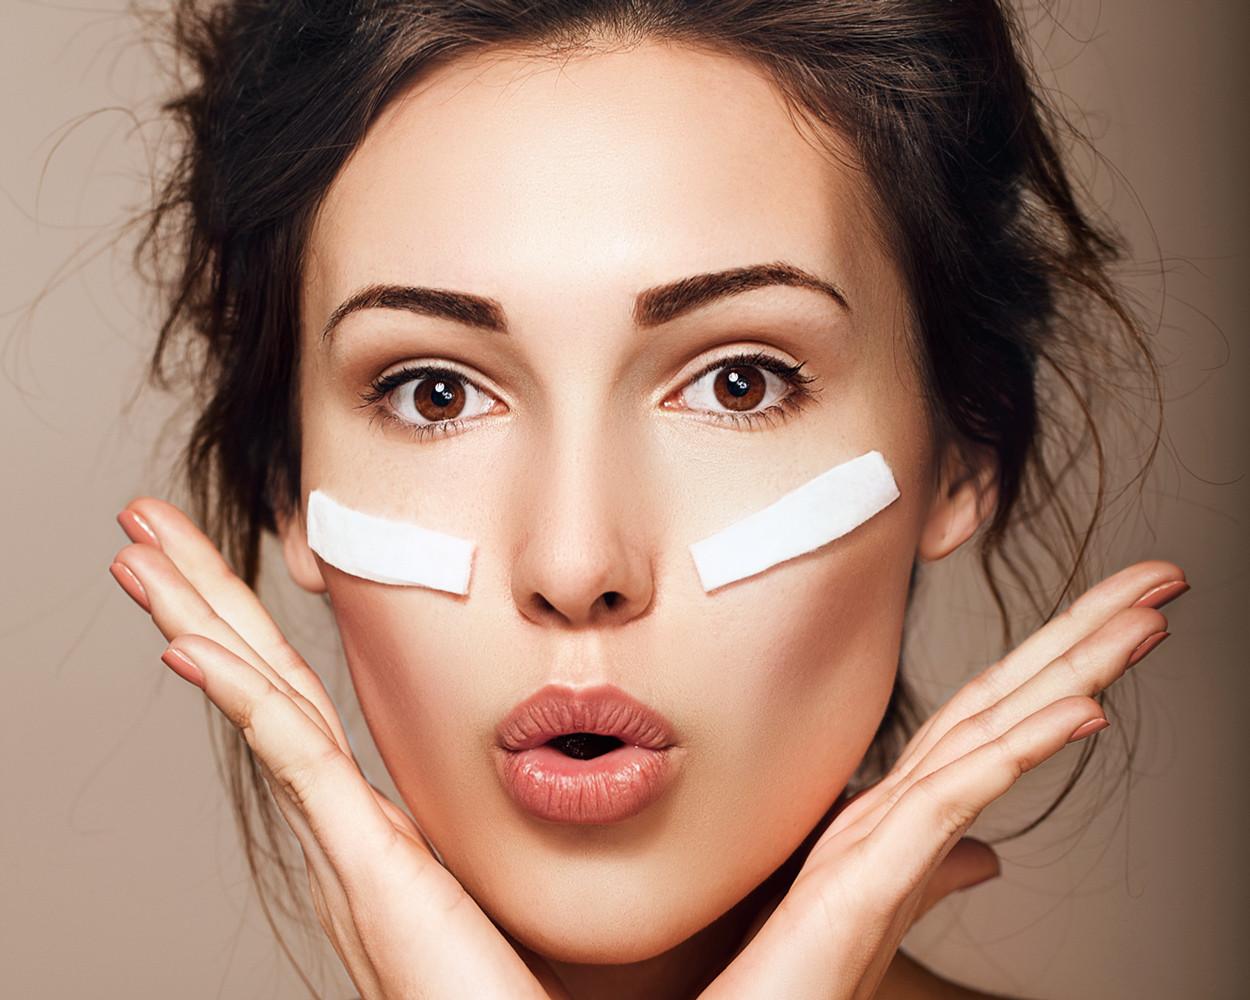 Секреты красоты: убираем темные круги и морщины вокруг глаз